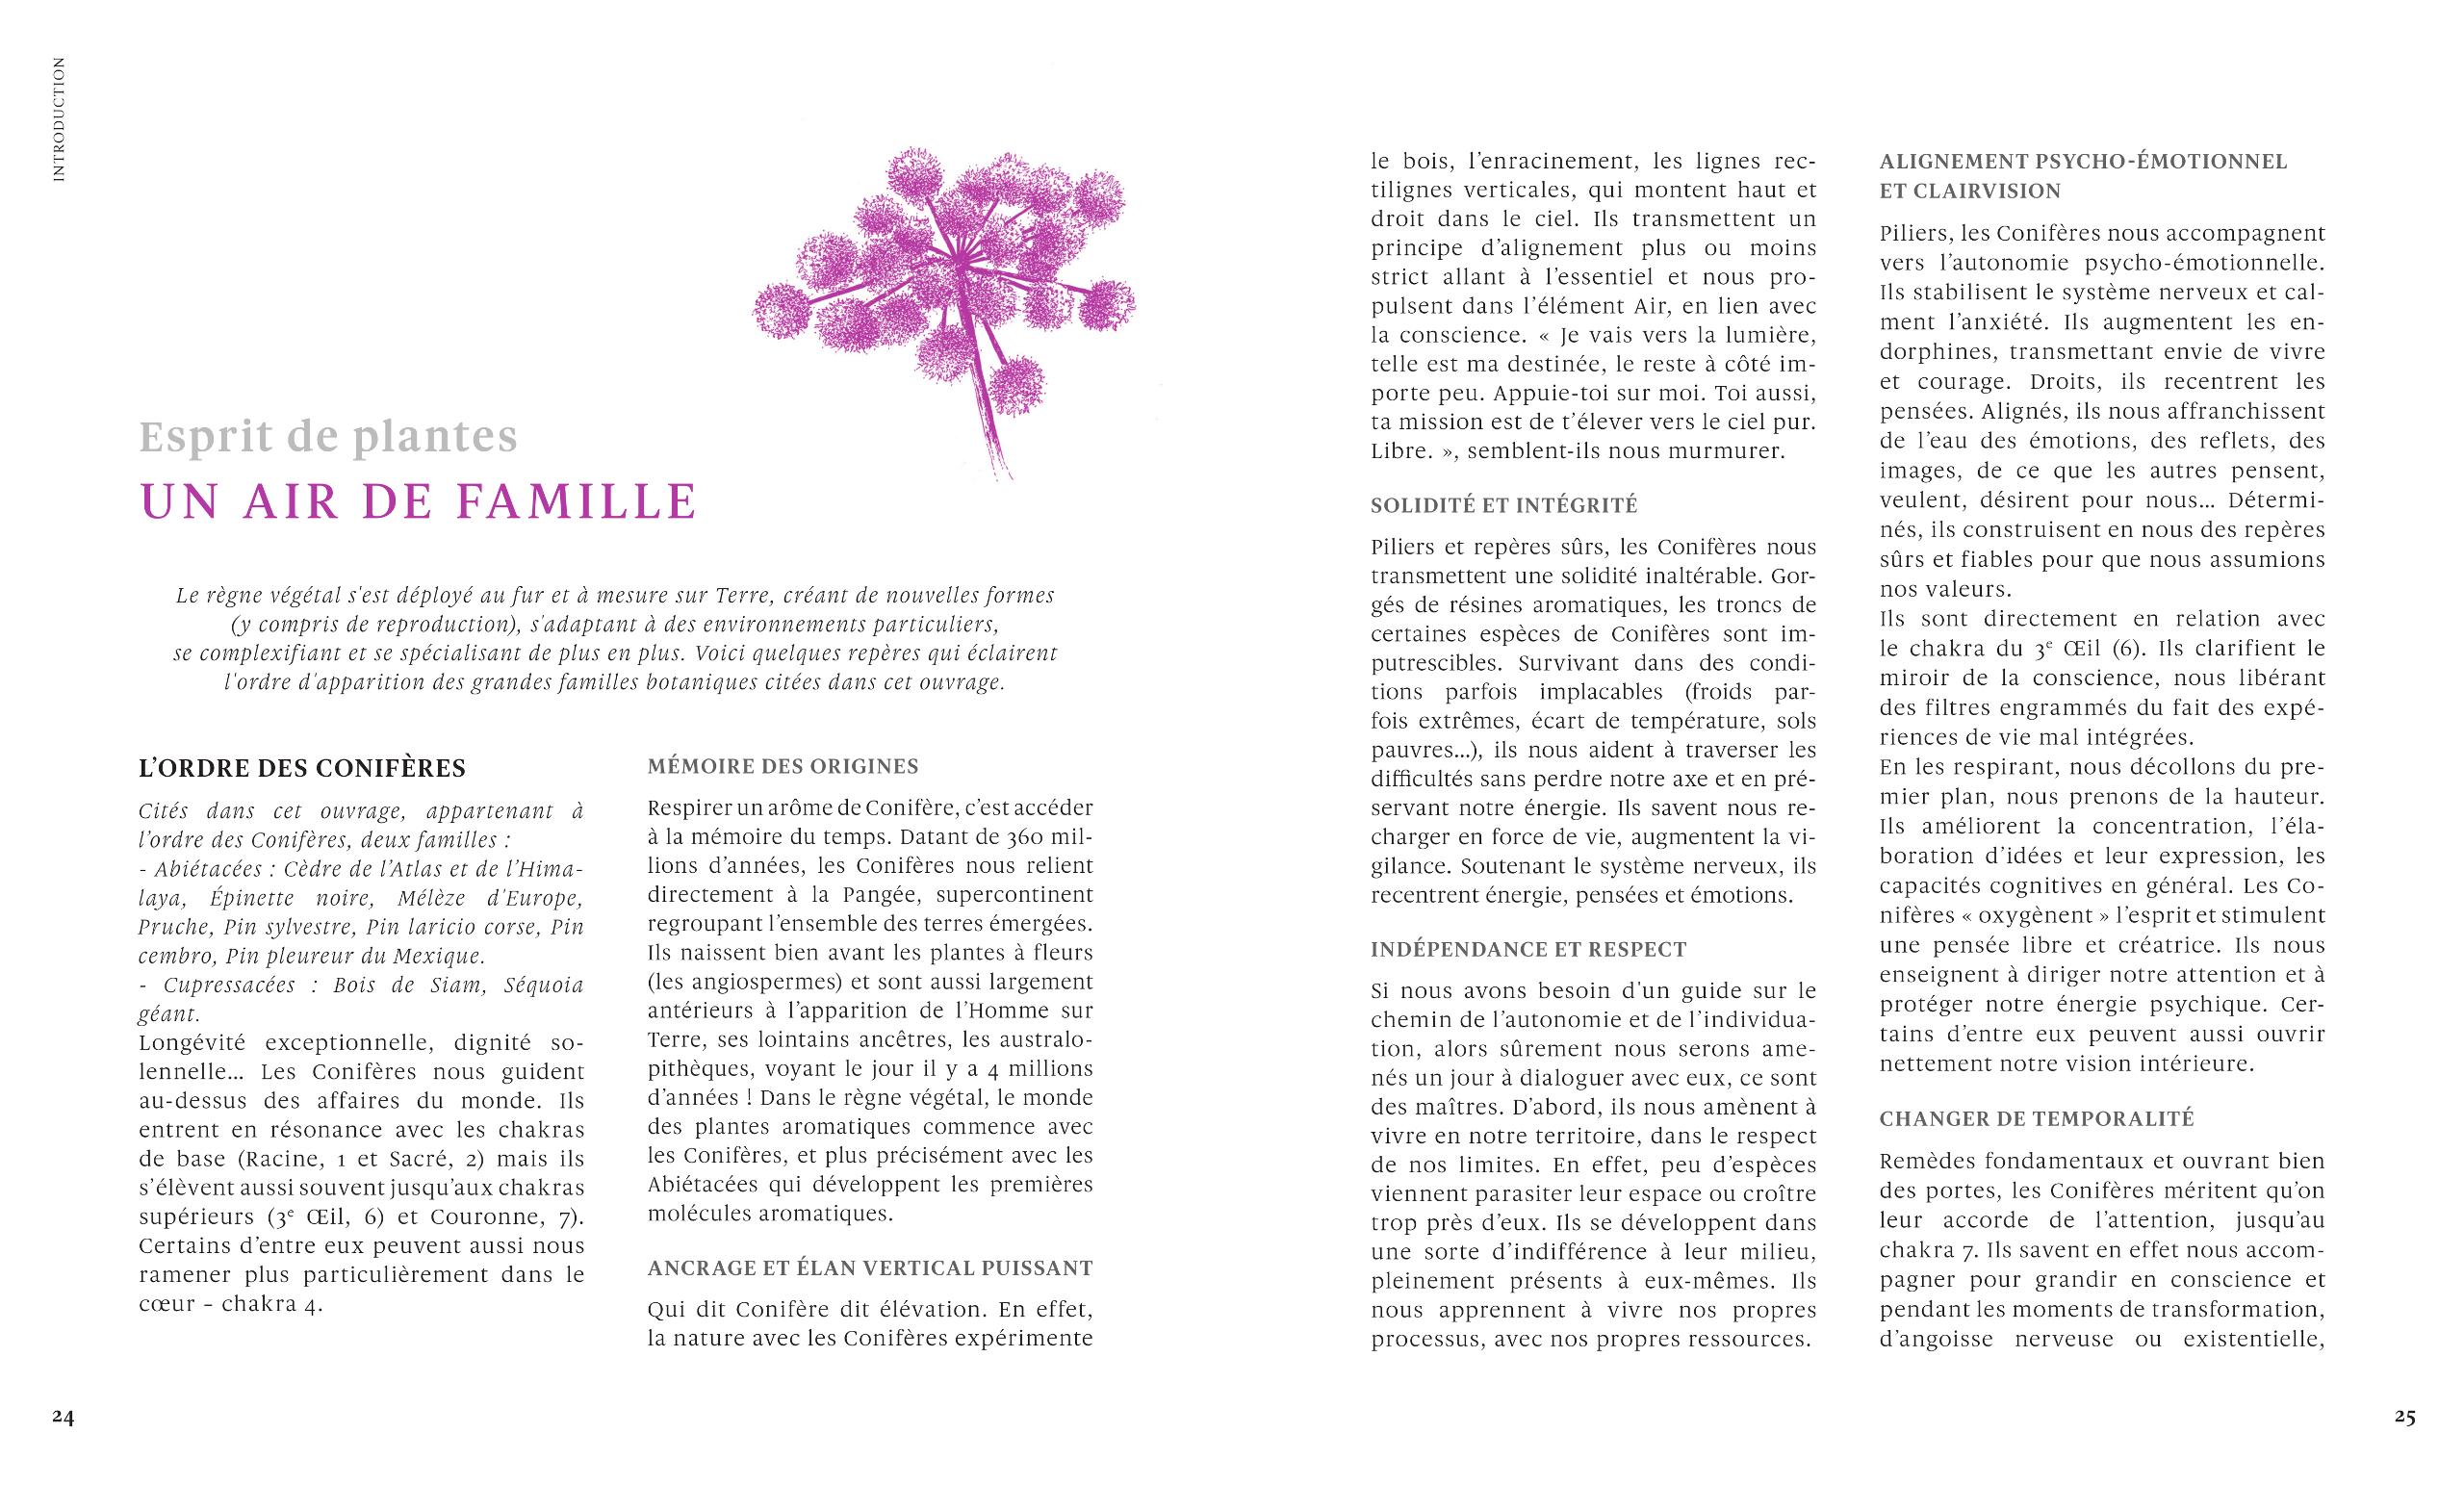 Esprit-de-plantes-un-air-de-famille-le-grand-livre-des-huiles-essentielles